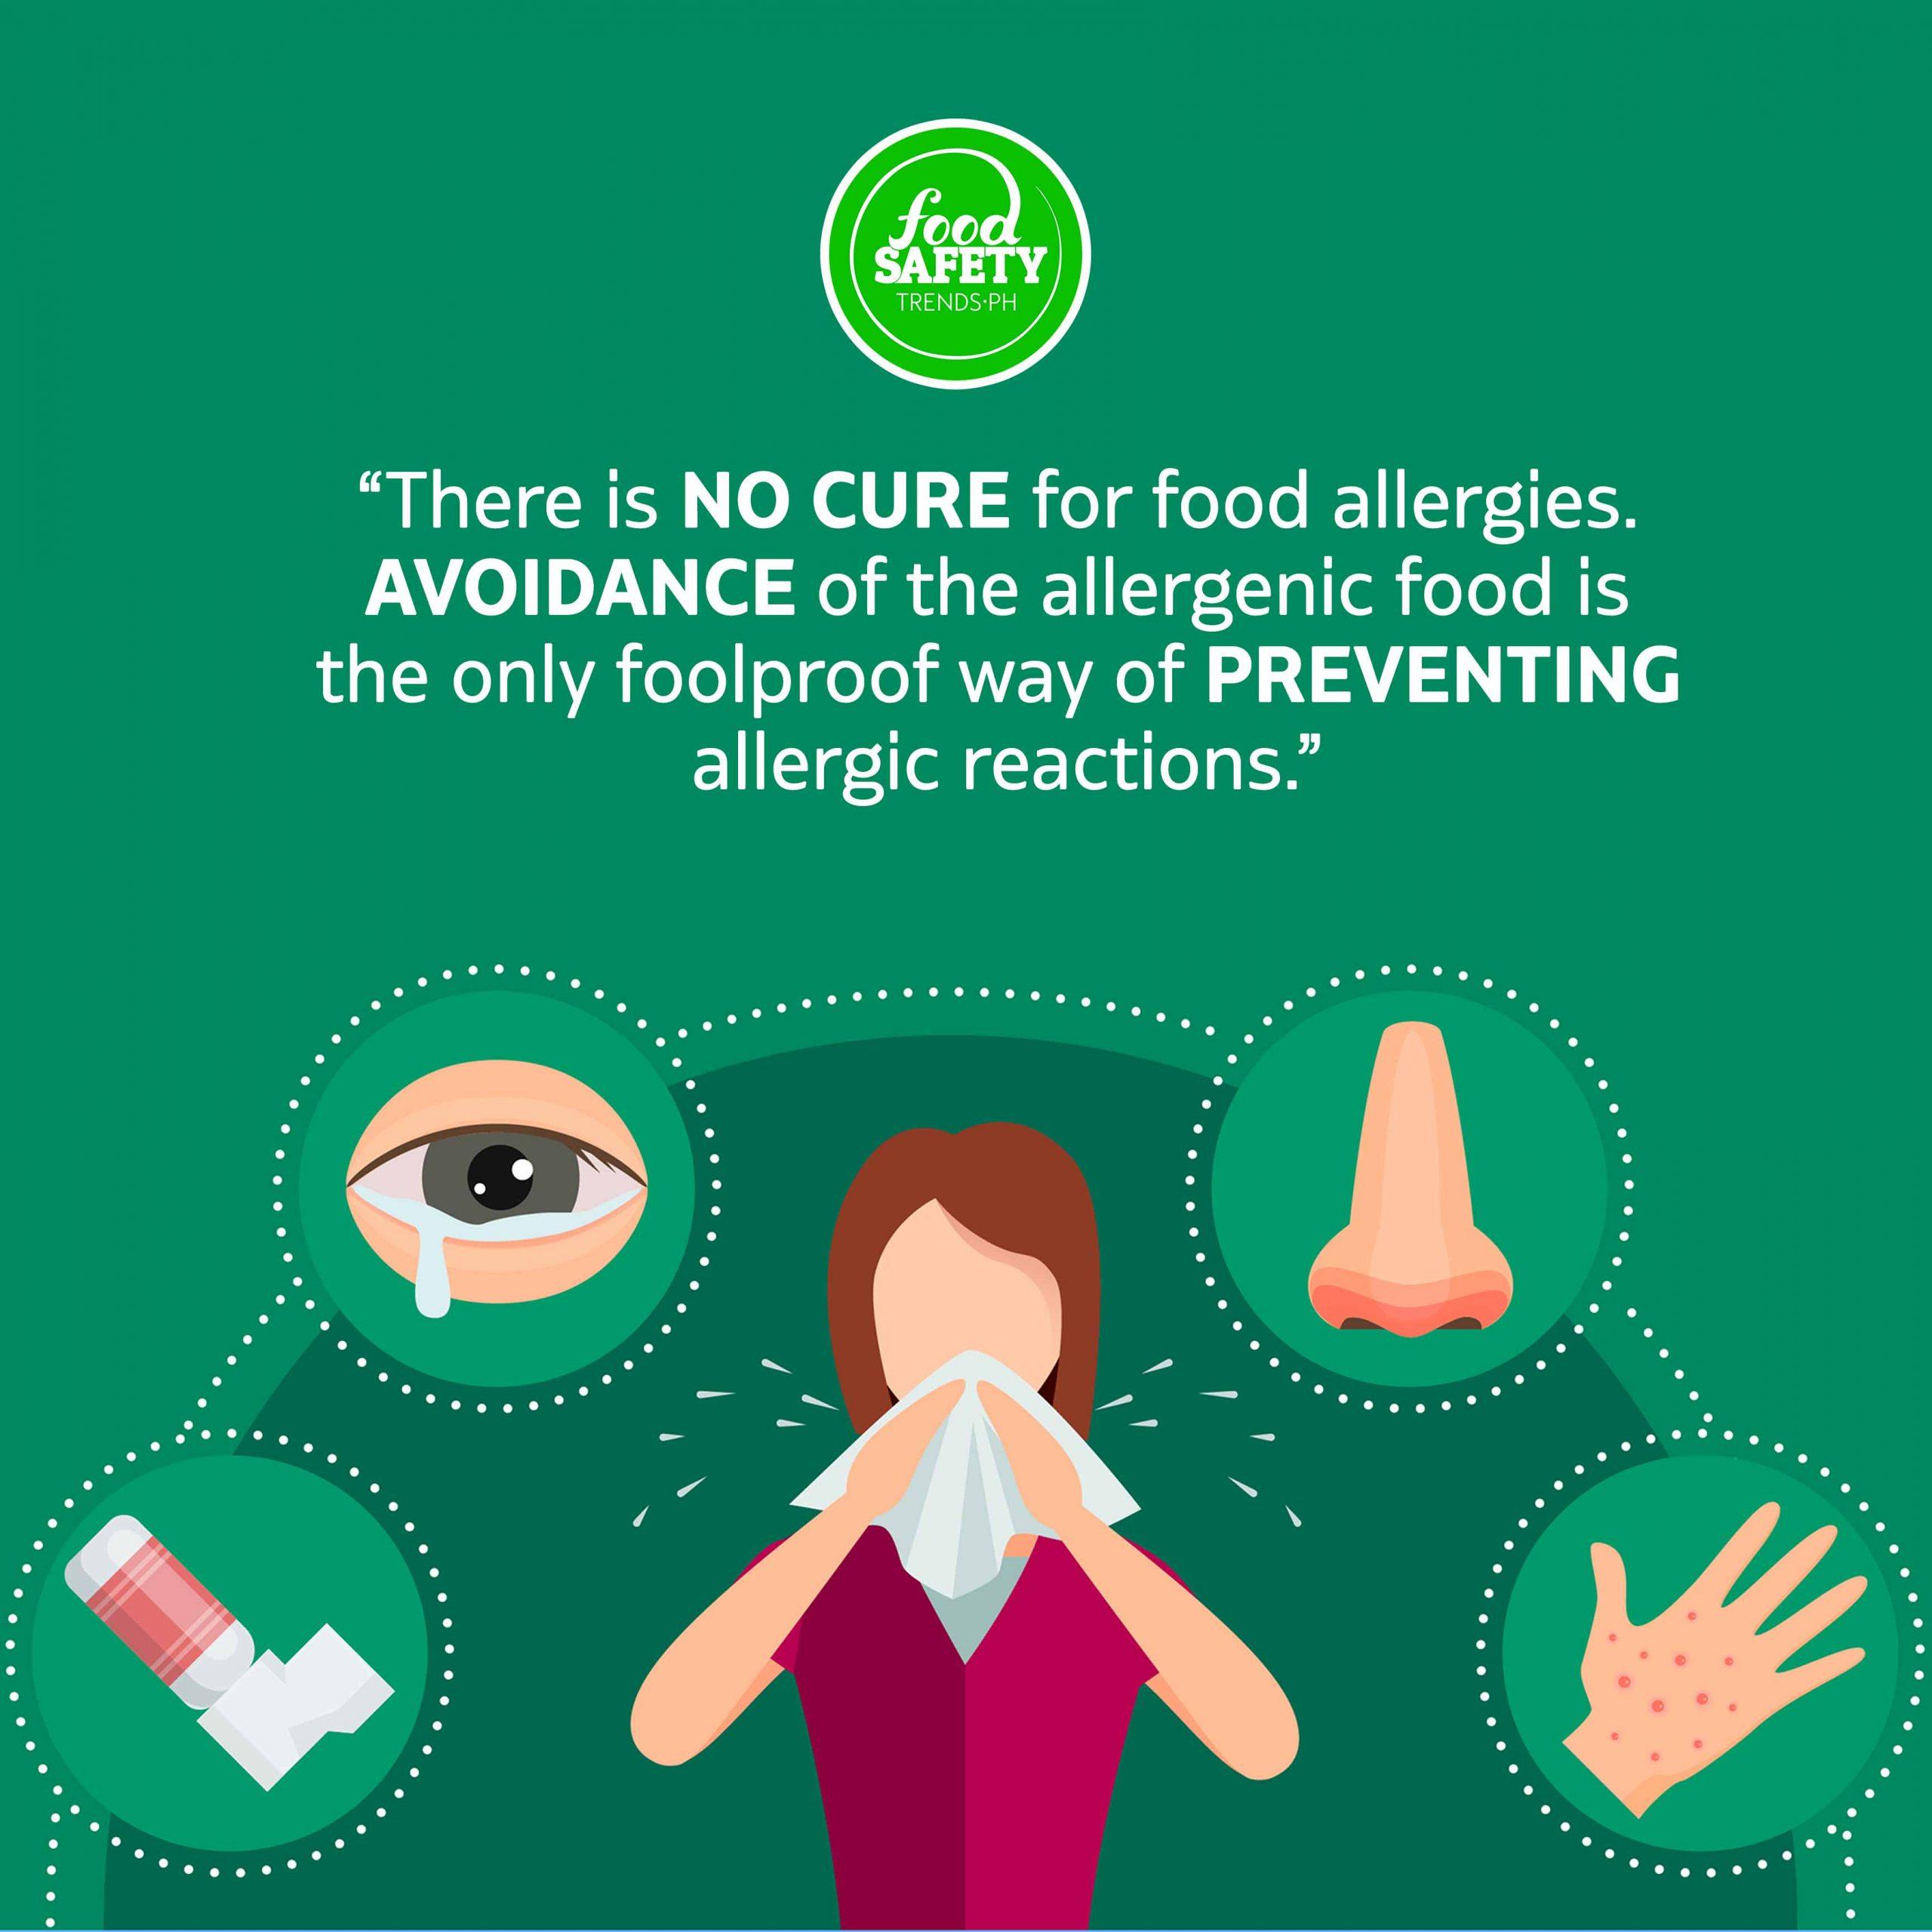 Food Allergen Management: Advancing Your Food Safety Program